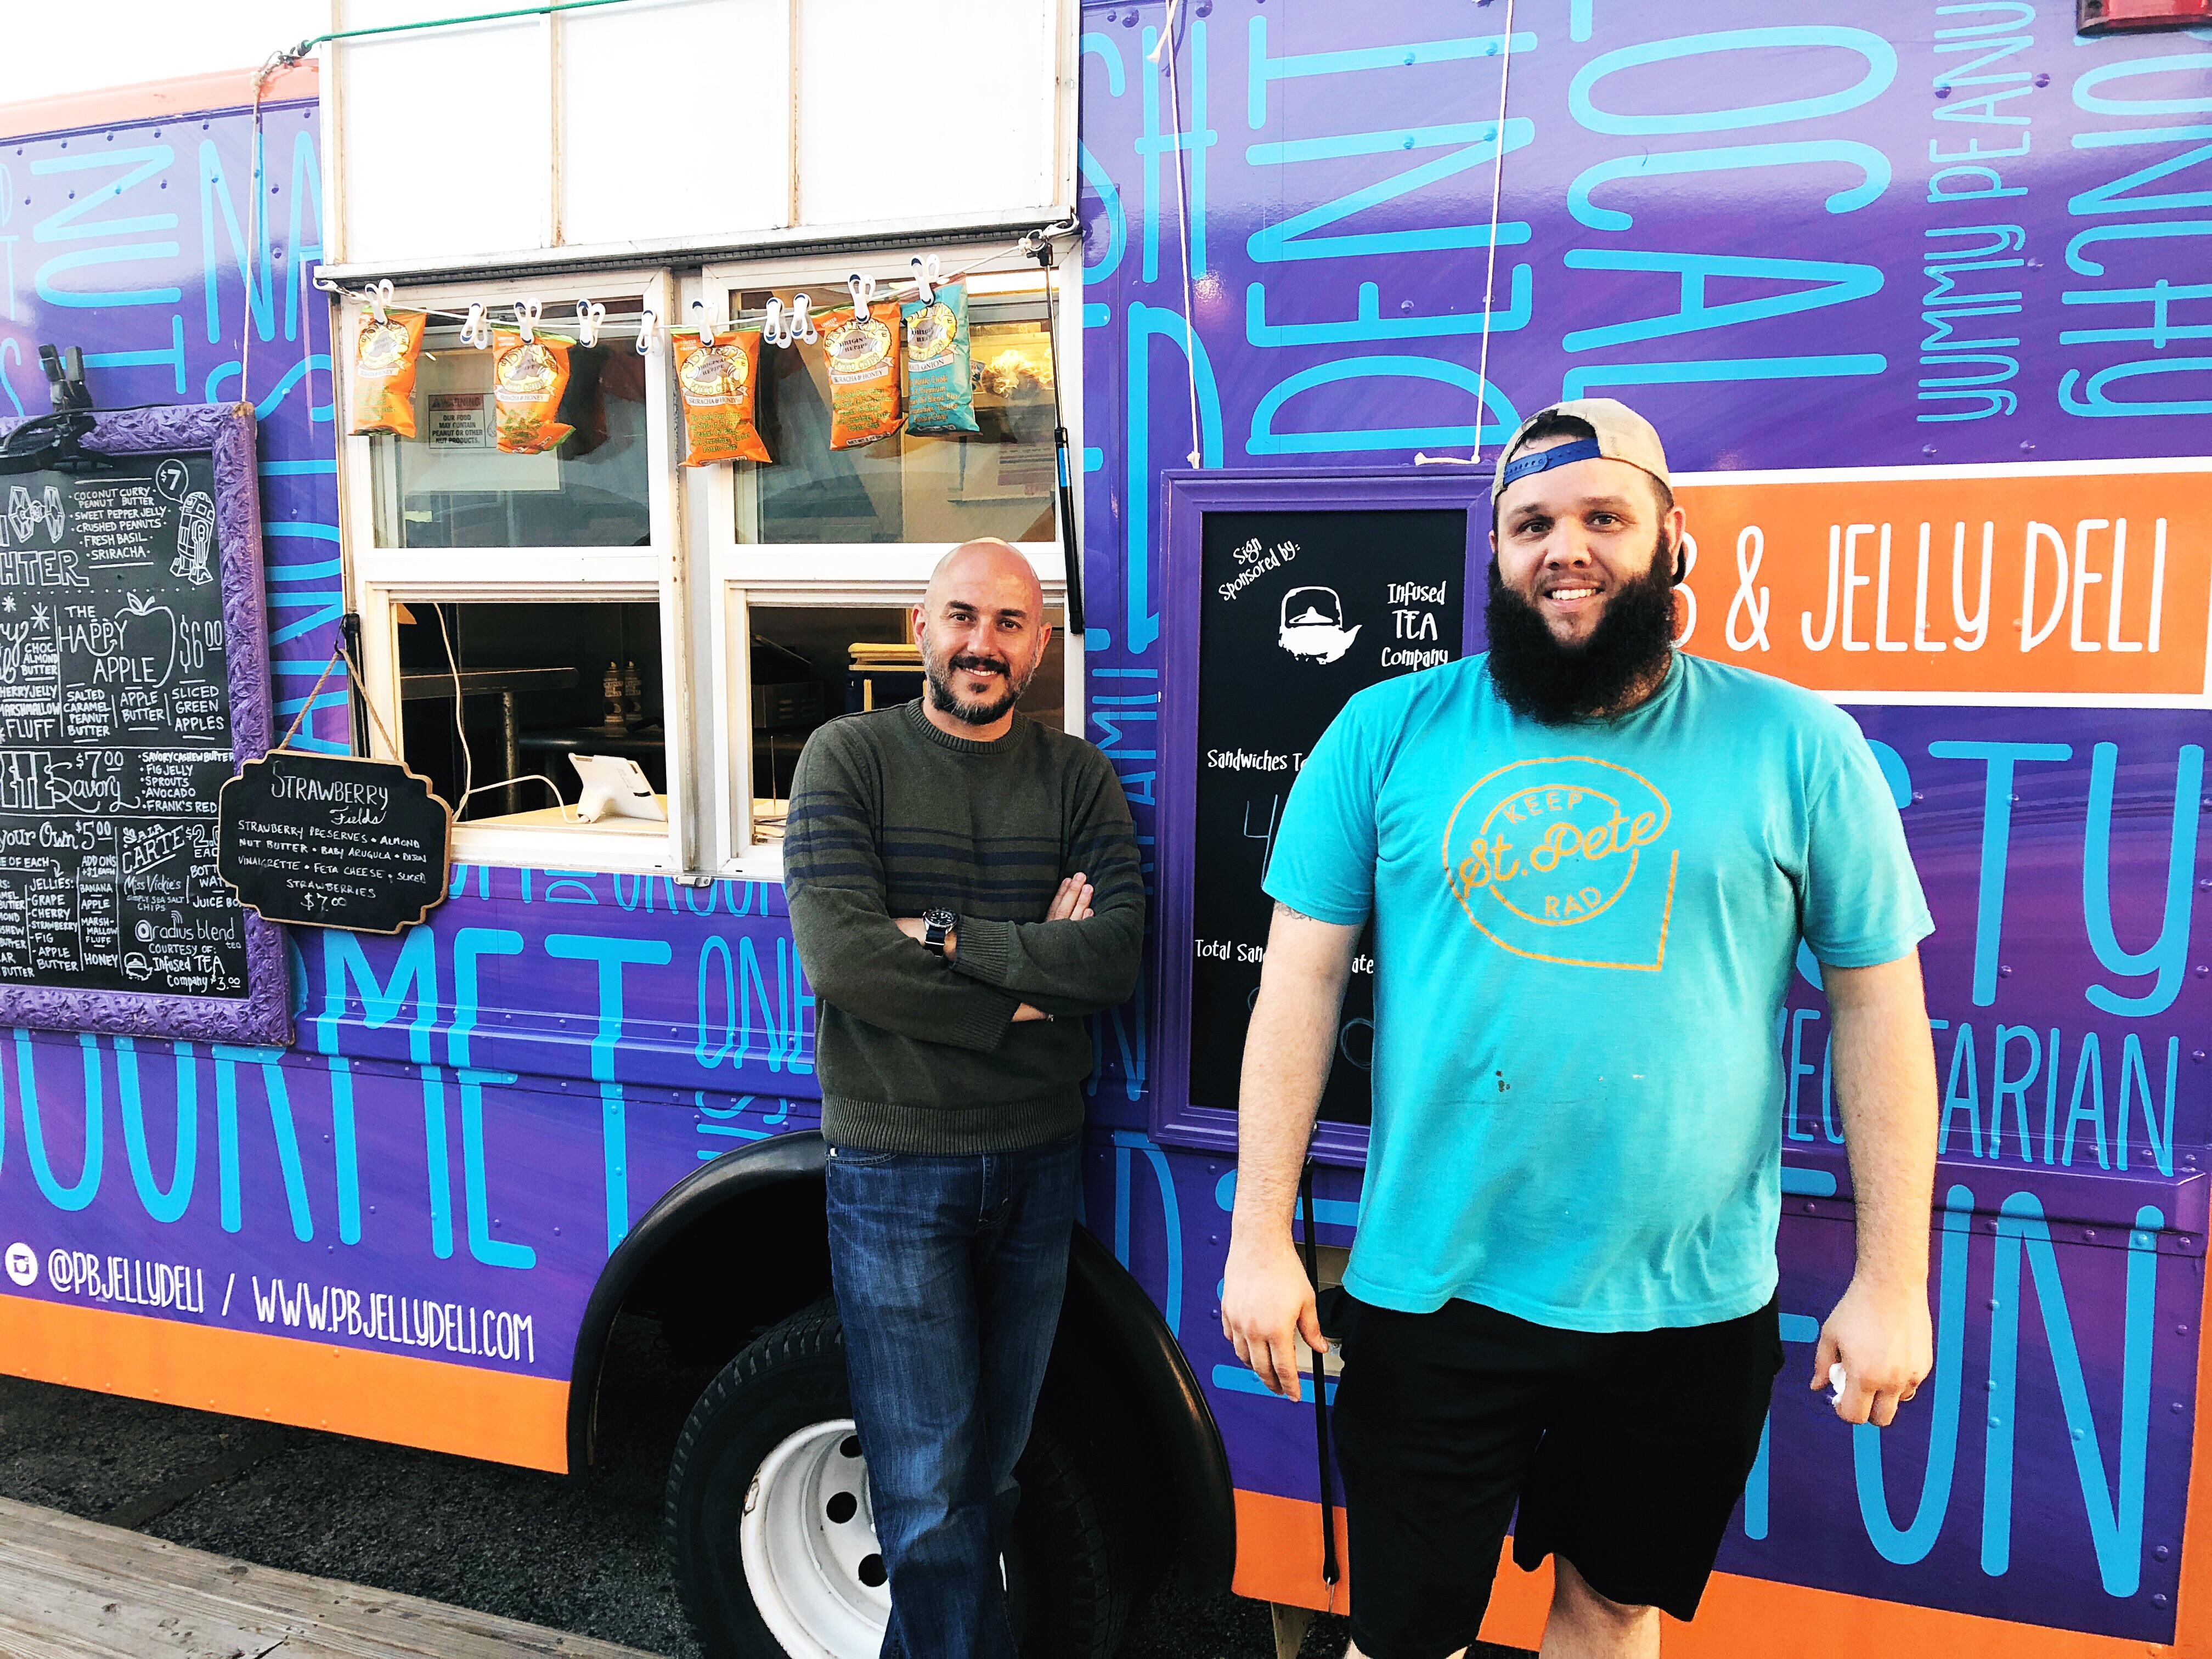 Rob & Noah of the PB & Jelly Deli